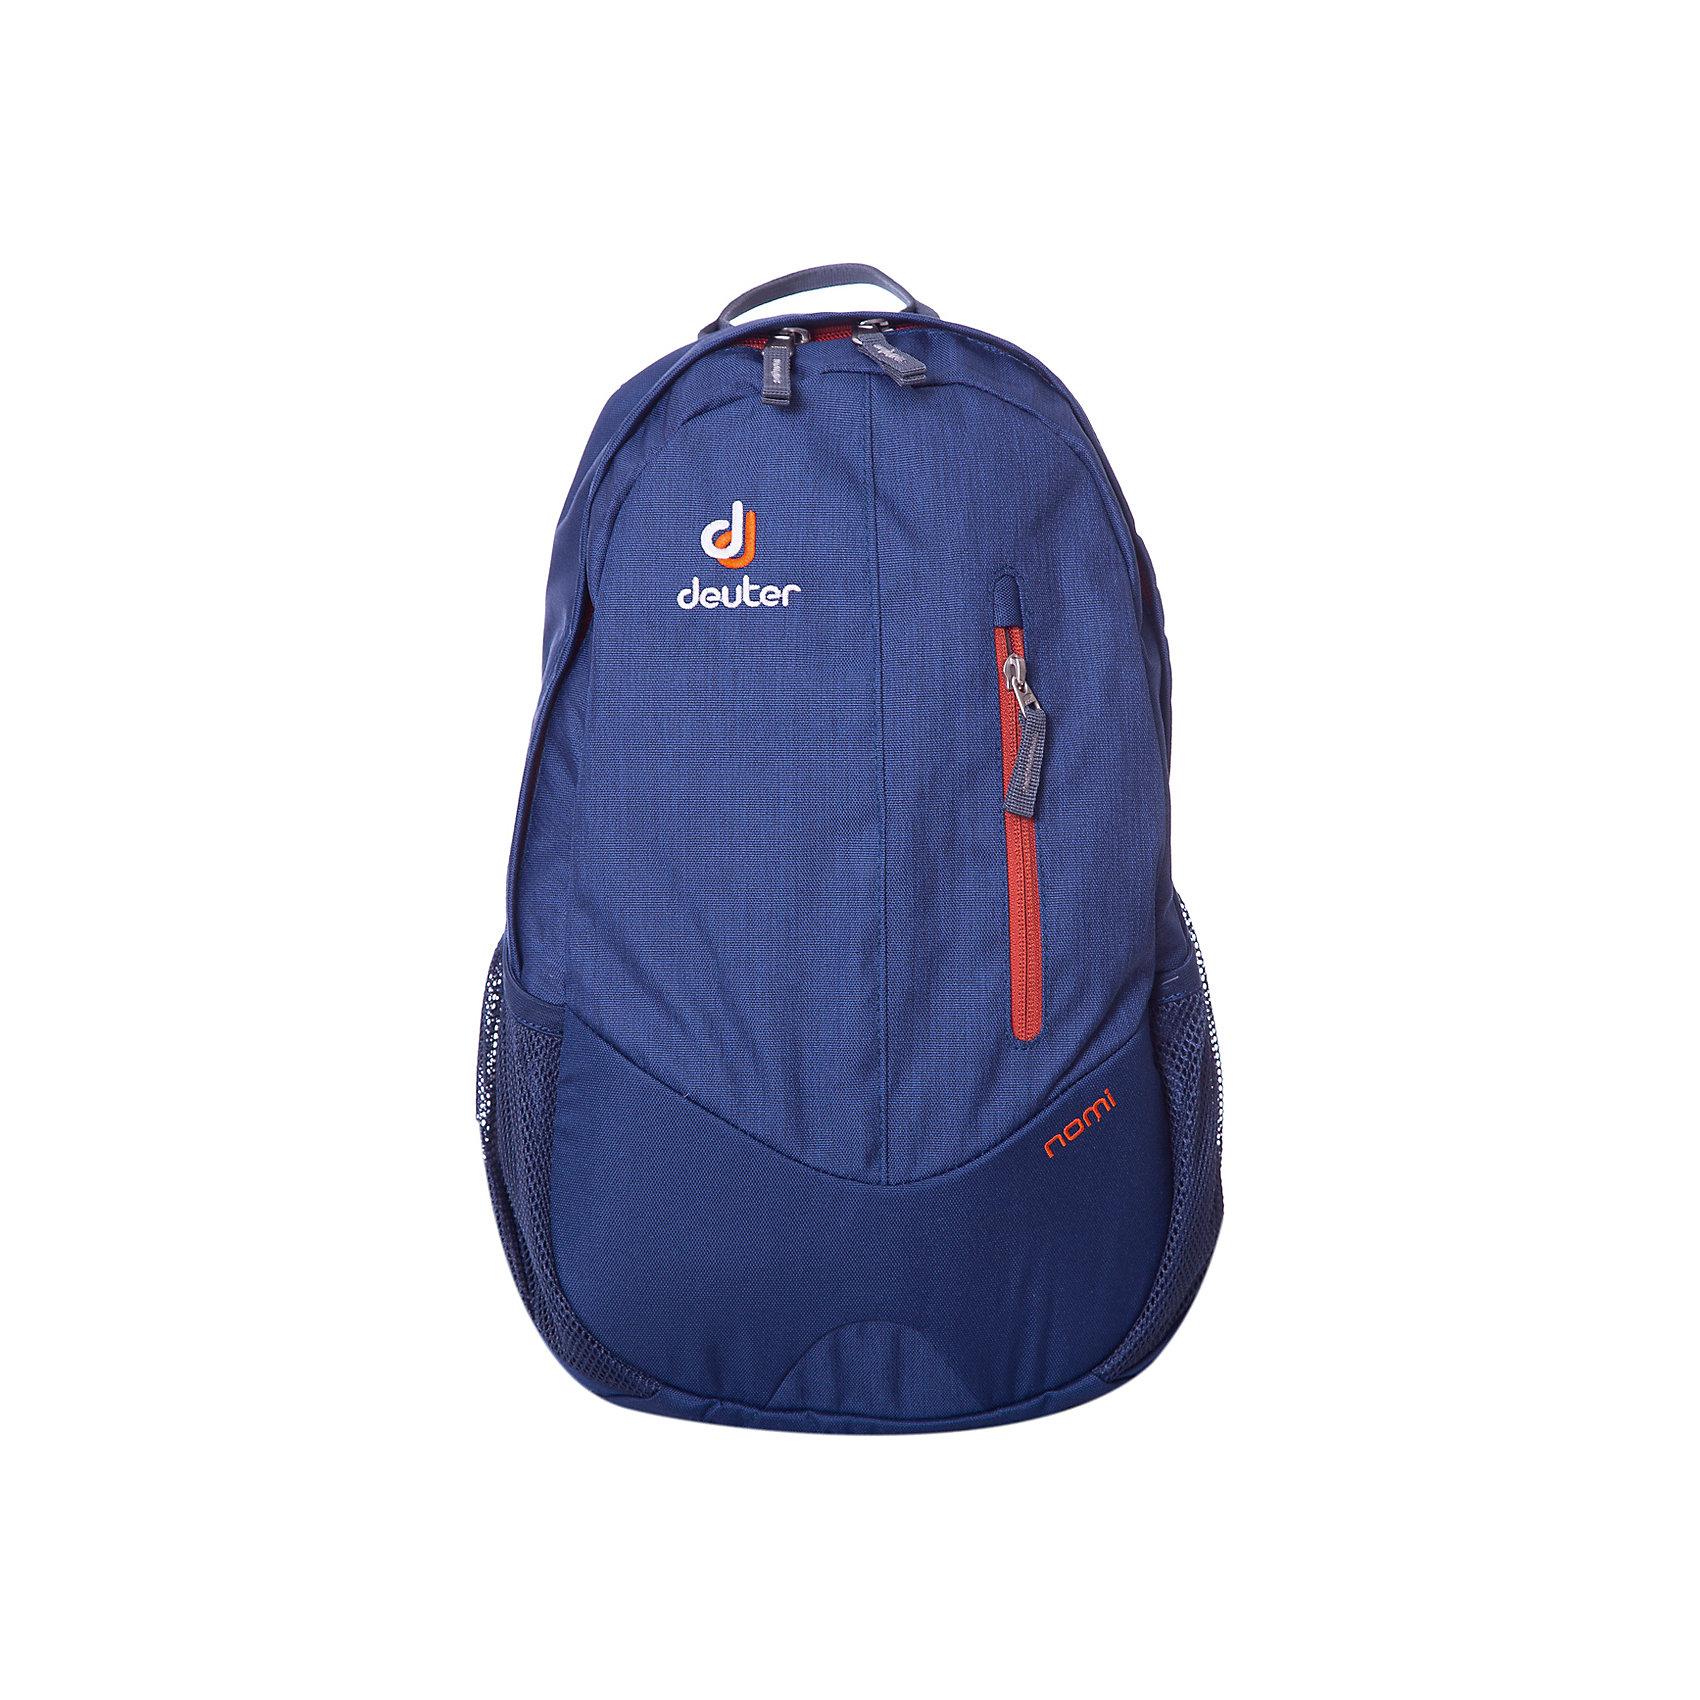 Deuter Школьный рюкзак Nomi, Deuter городской рюкзак deuter giga с отделением для ноутбука серый 28 л 80414 7712